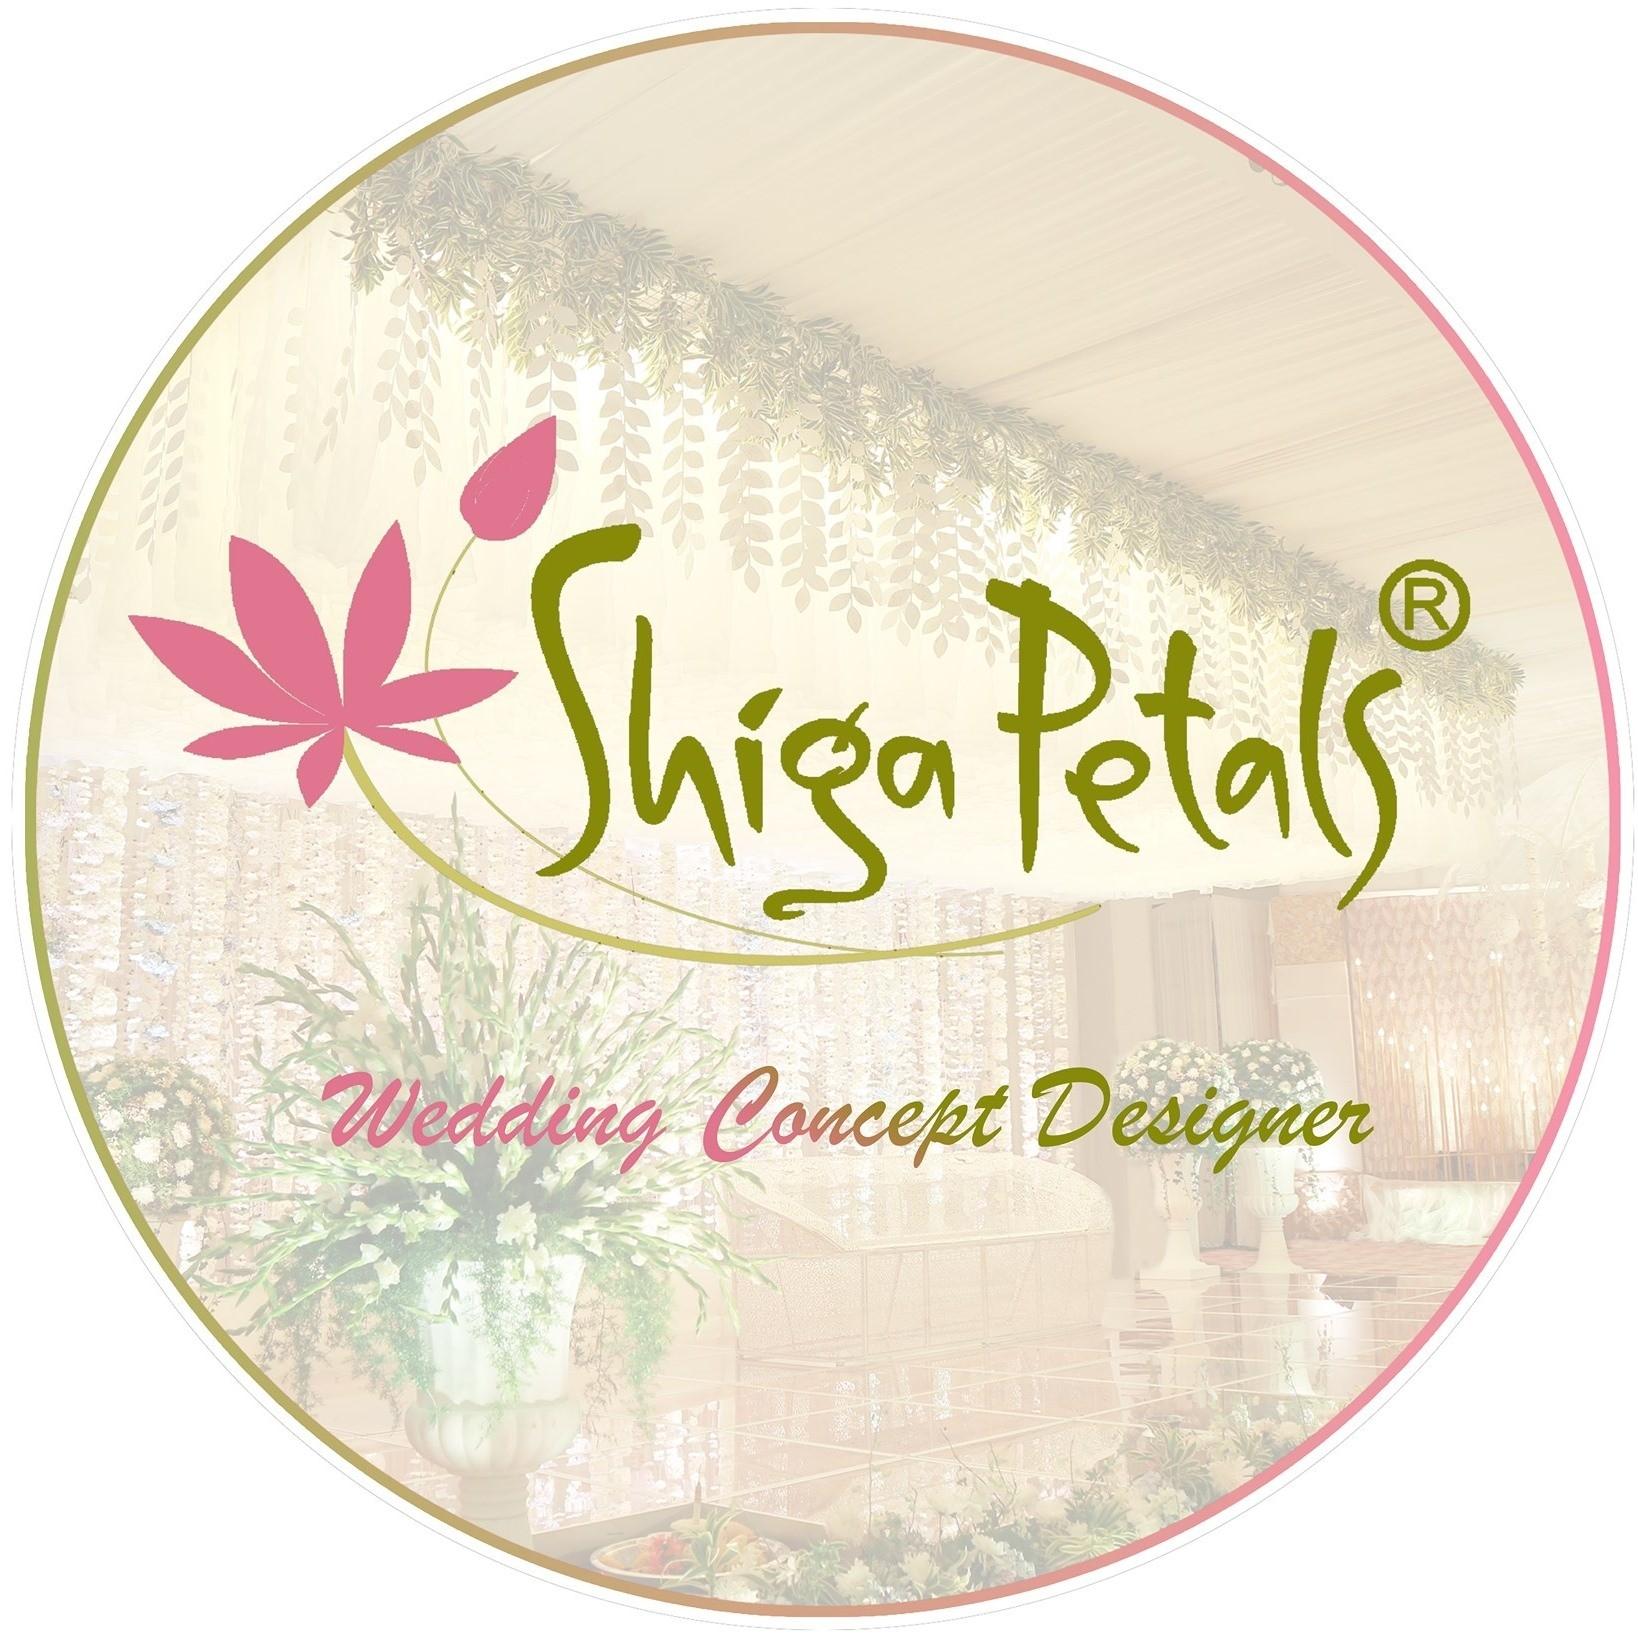 Shiga Petals